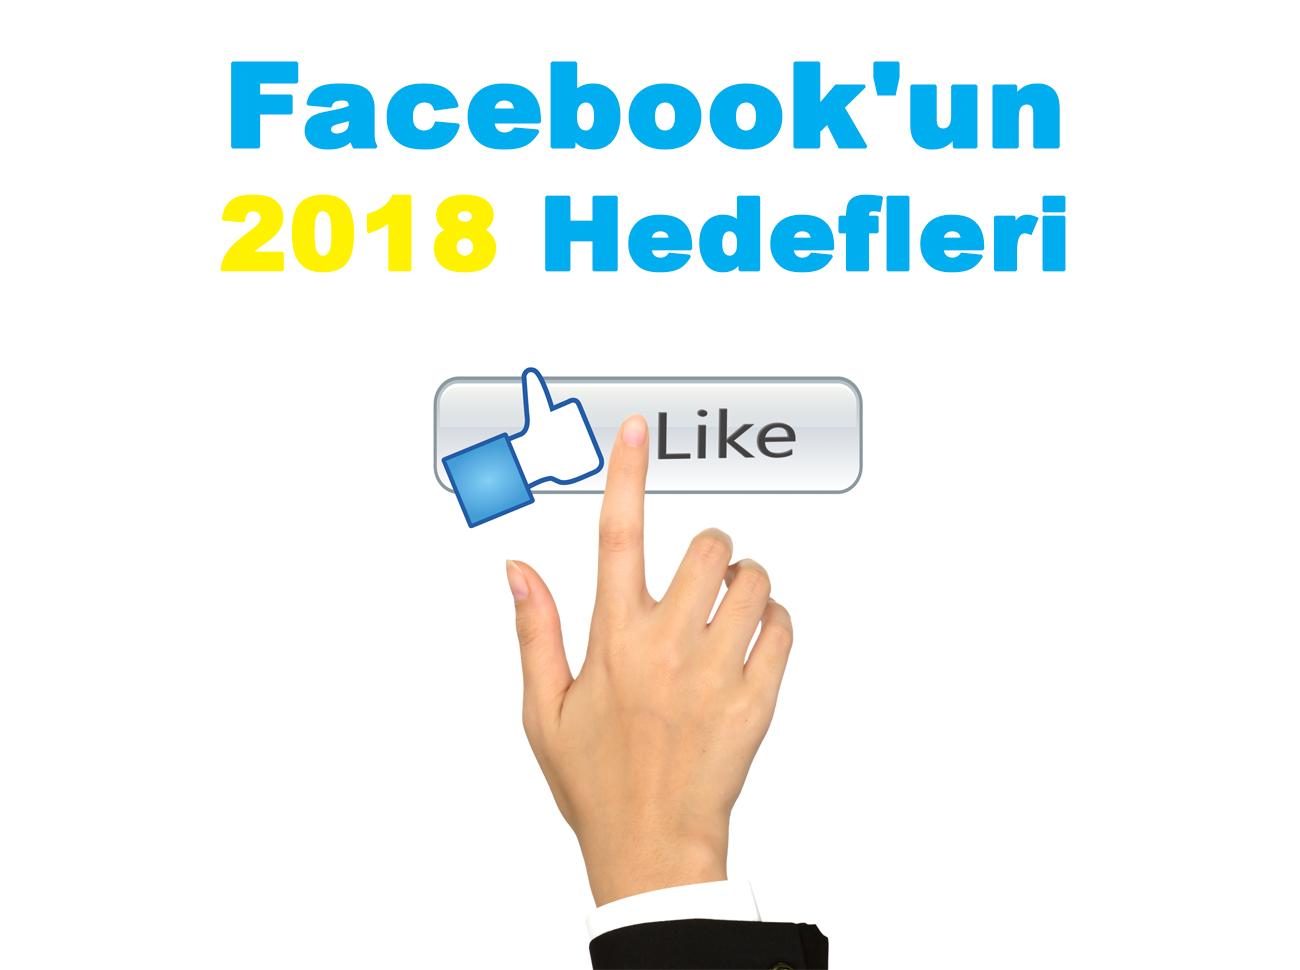 Facebook Hep Değişiyor Ama Hiç Değişmiyor: Facebook'un 2018 Hedefleri